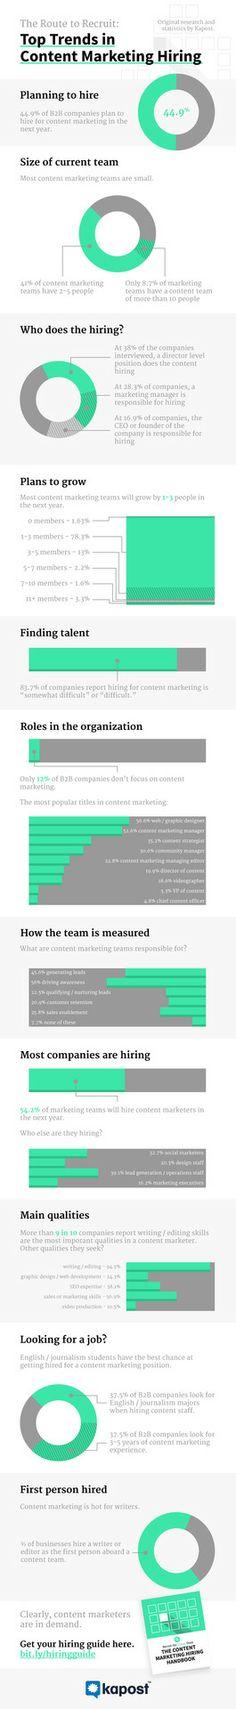 Les tendances de l'emploie dans le contenu Marketing via Top Trends in Content Marketing Hiring